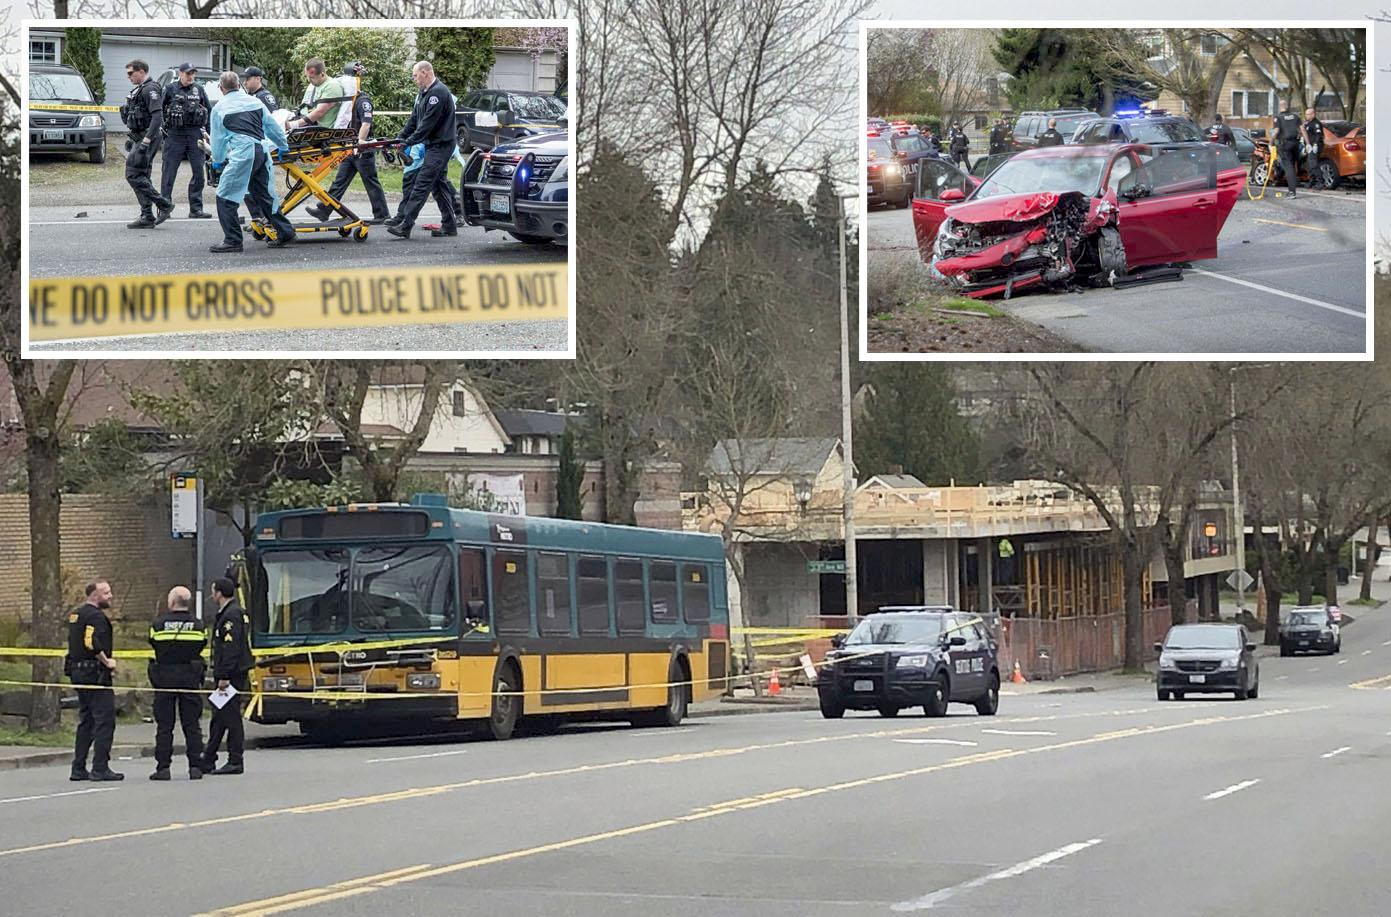 سیاٹل: ہلاکت خیز فائرنگ کے بعد پولیس نے جائے وقوع کو سیل کردیا ہے' زخمی کو اسپتال منتقل کیا جارہا ہے